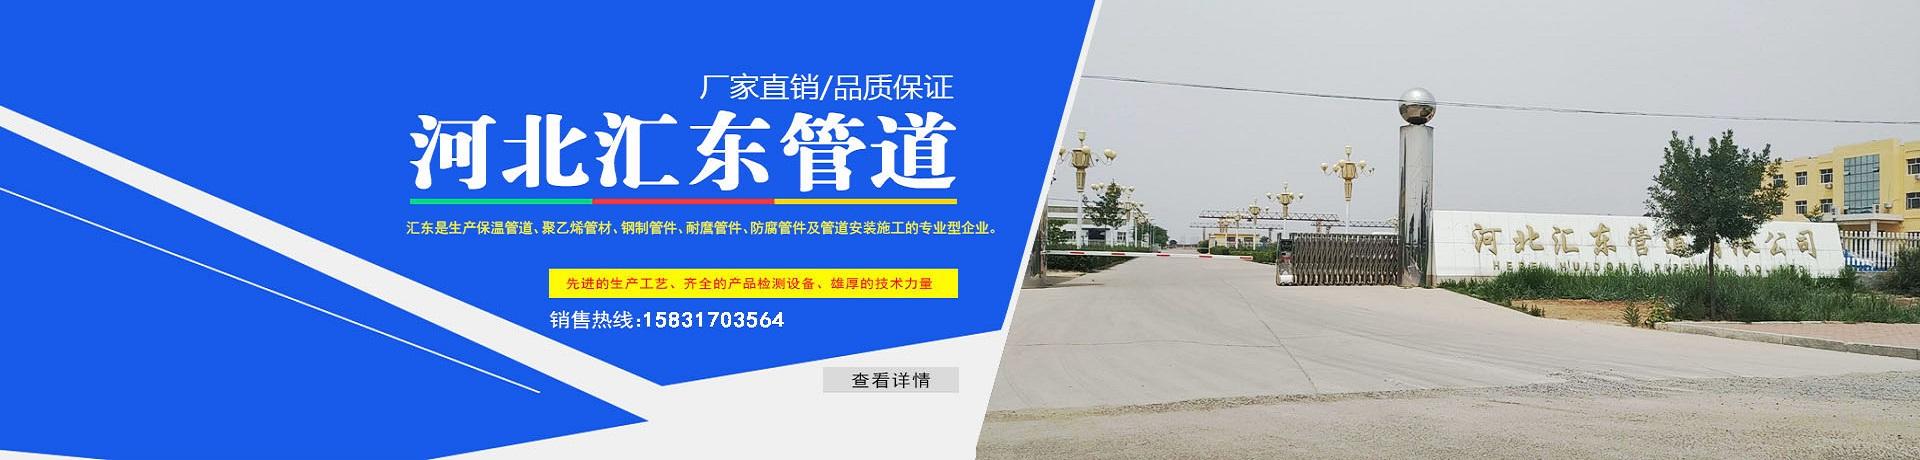 河北匯東管道股份有限公司